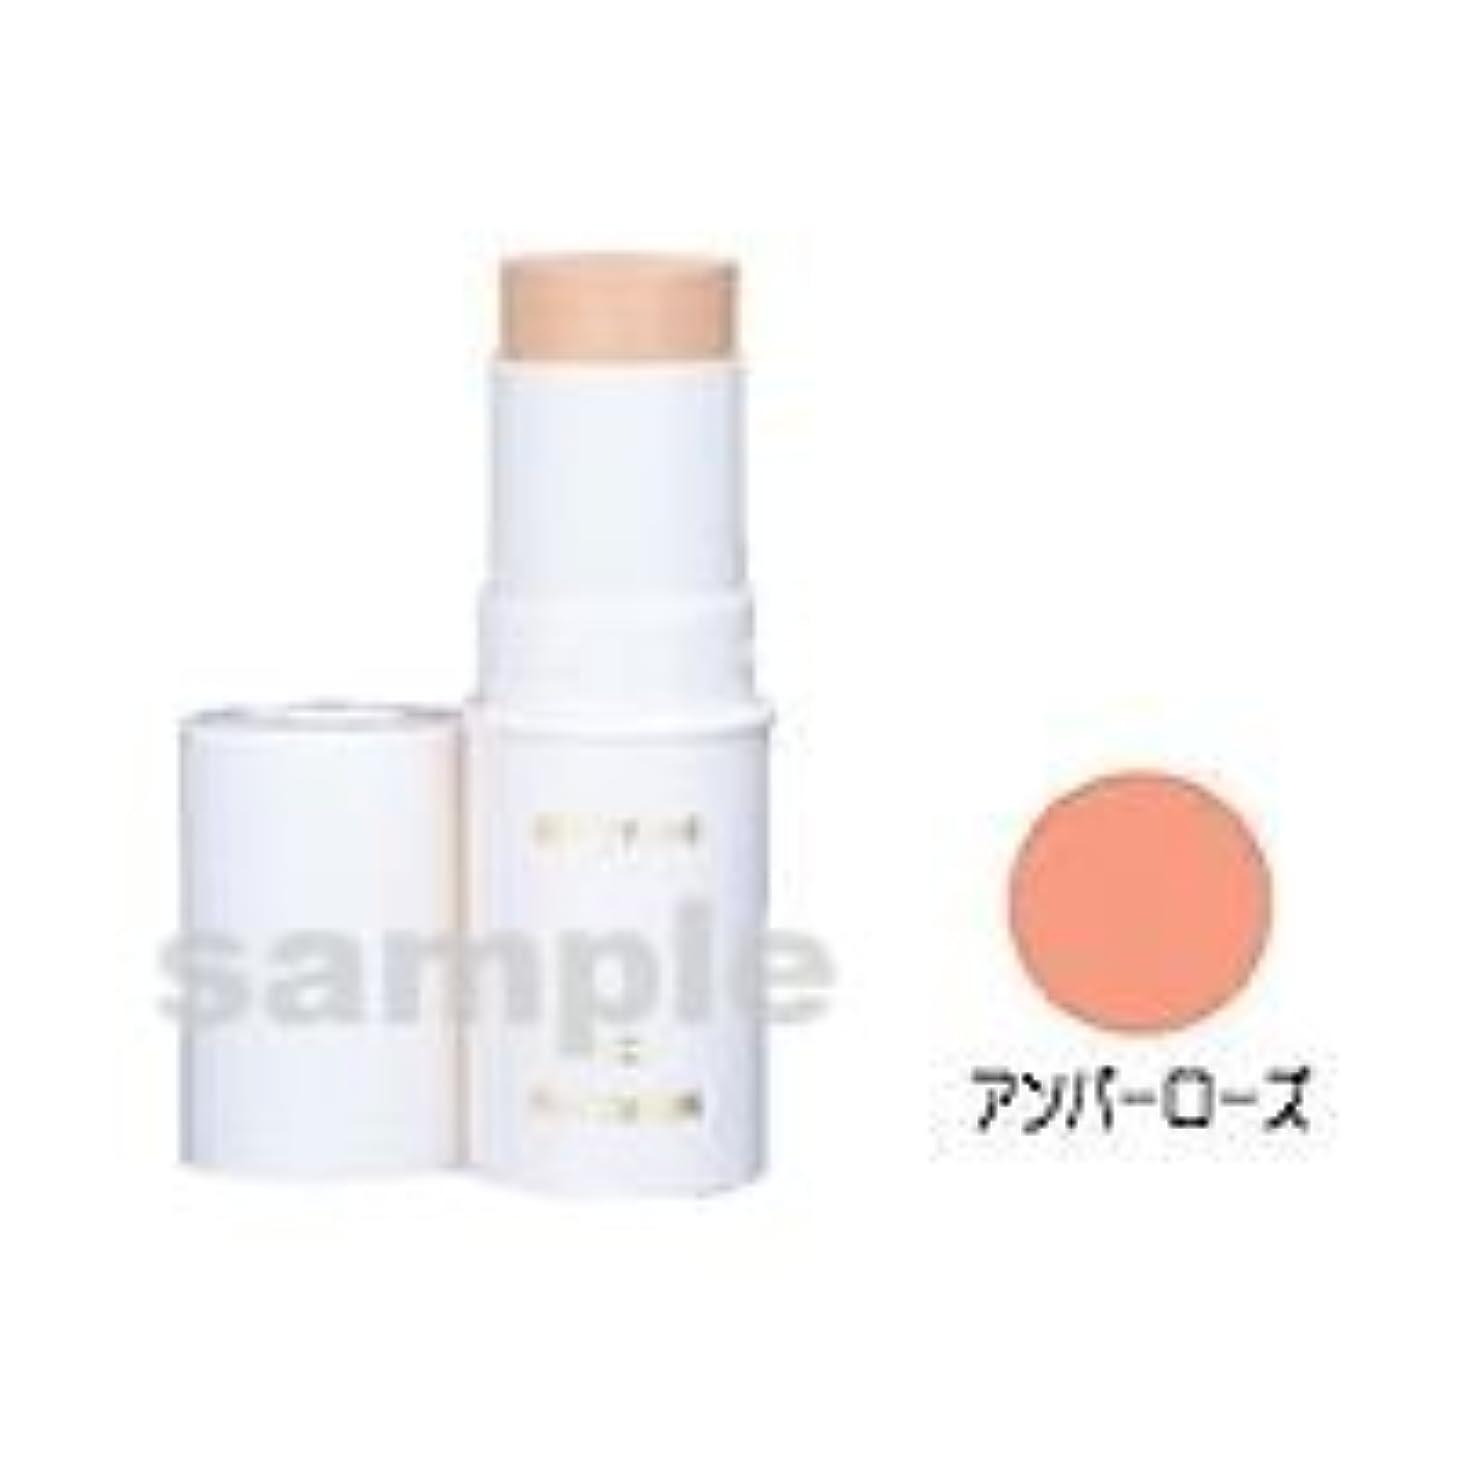 役立つ版乳製品三善 スティックファンデーション ハロウィンメイク コスプレメイク カラー:アンバーローズ (H)